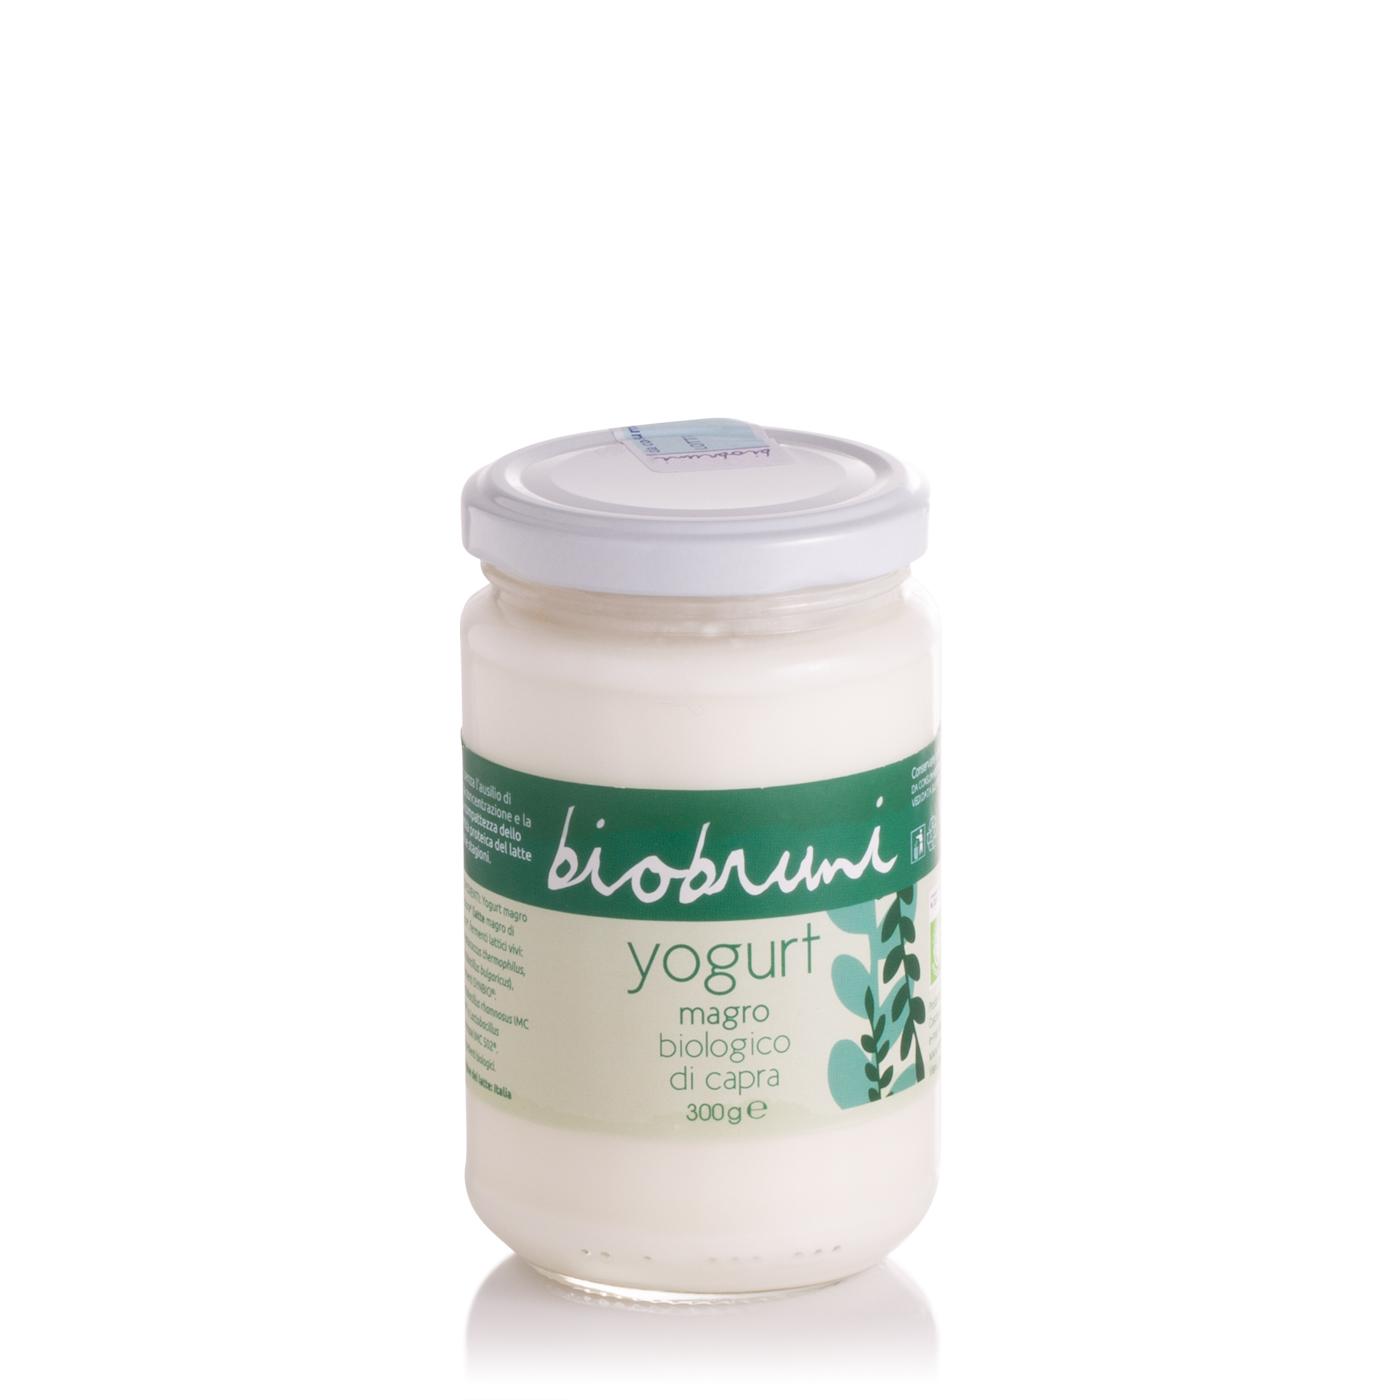 Osvaldo Bruni Yogurt di Capra Magro 300g